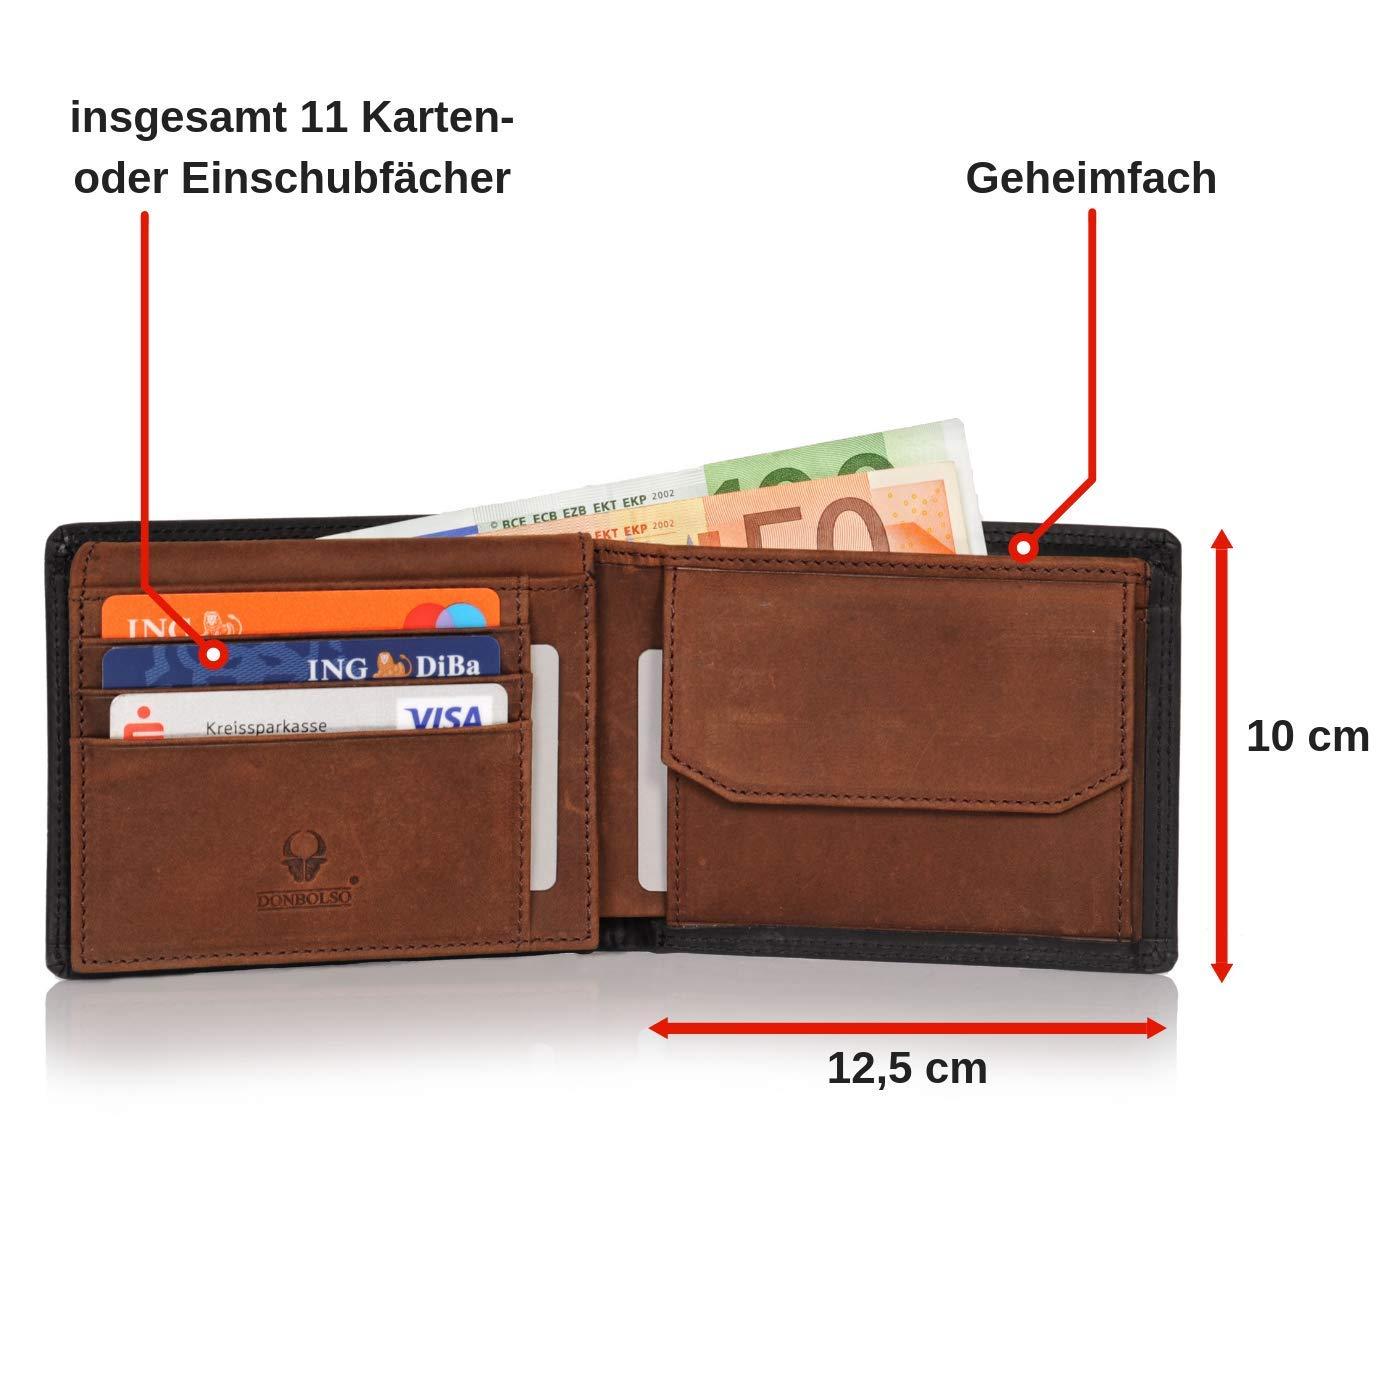 9c9c317a6676d Donbolso Geldbörse Berlin Leder Herren - Geldbeutel schwarz braun -  Portemonnaie für Männer mit RFID Schutz - Echtleder Portmonee  Amazon.de   Koffer